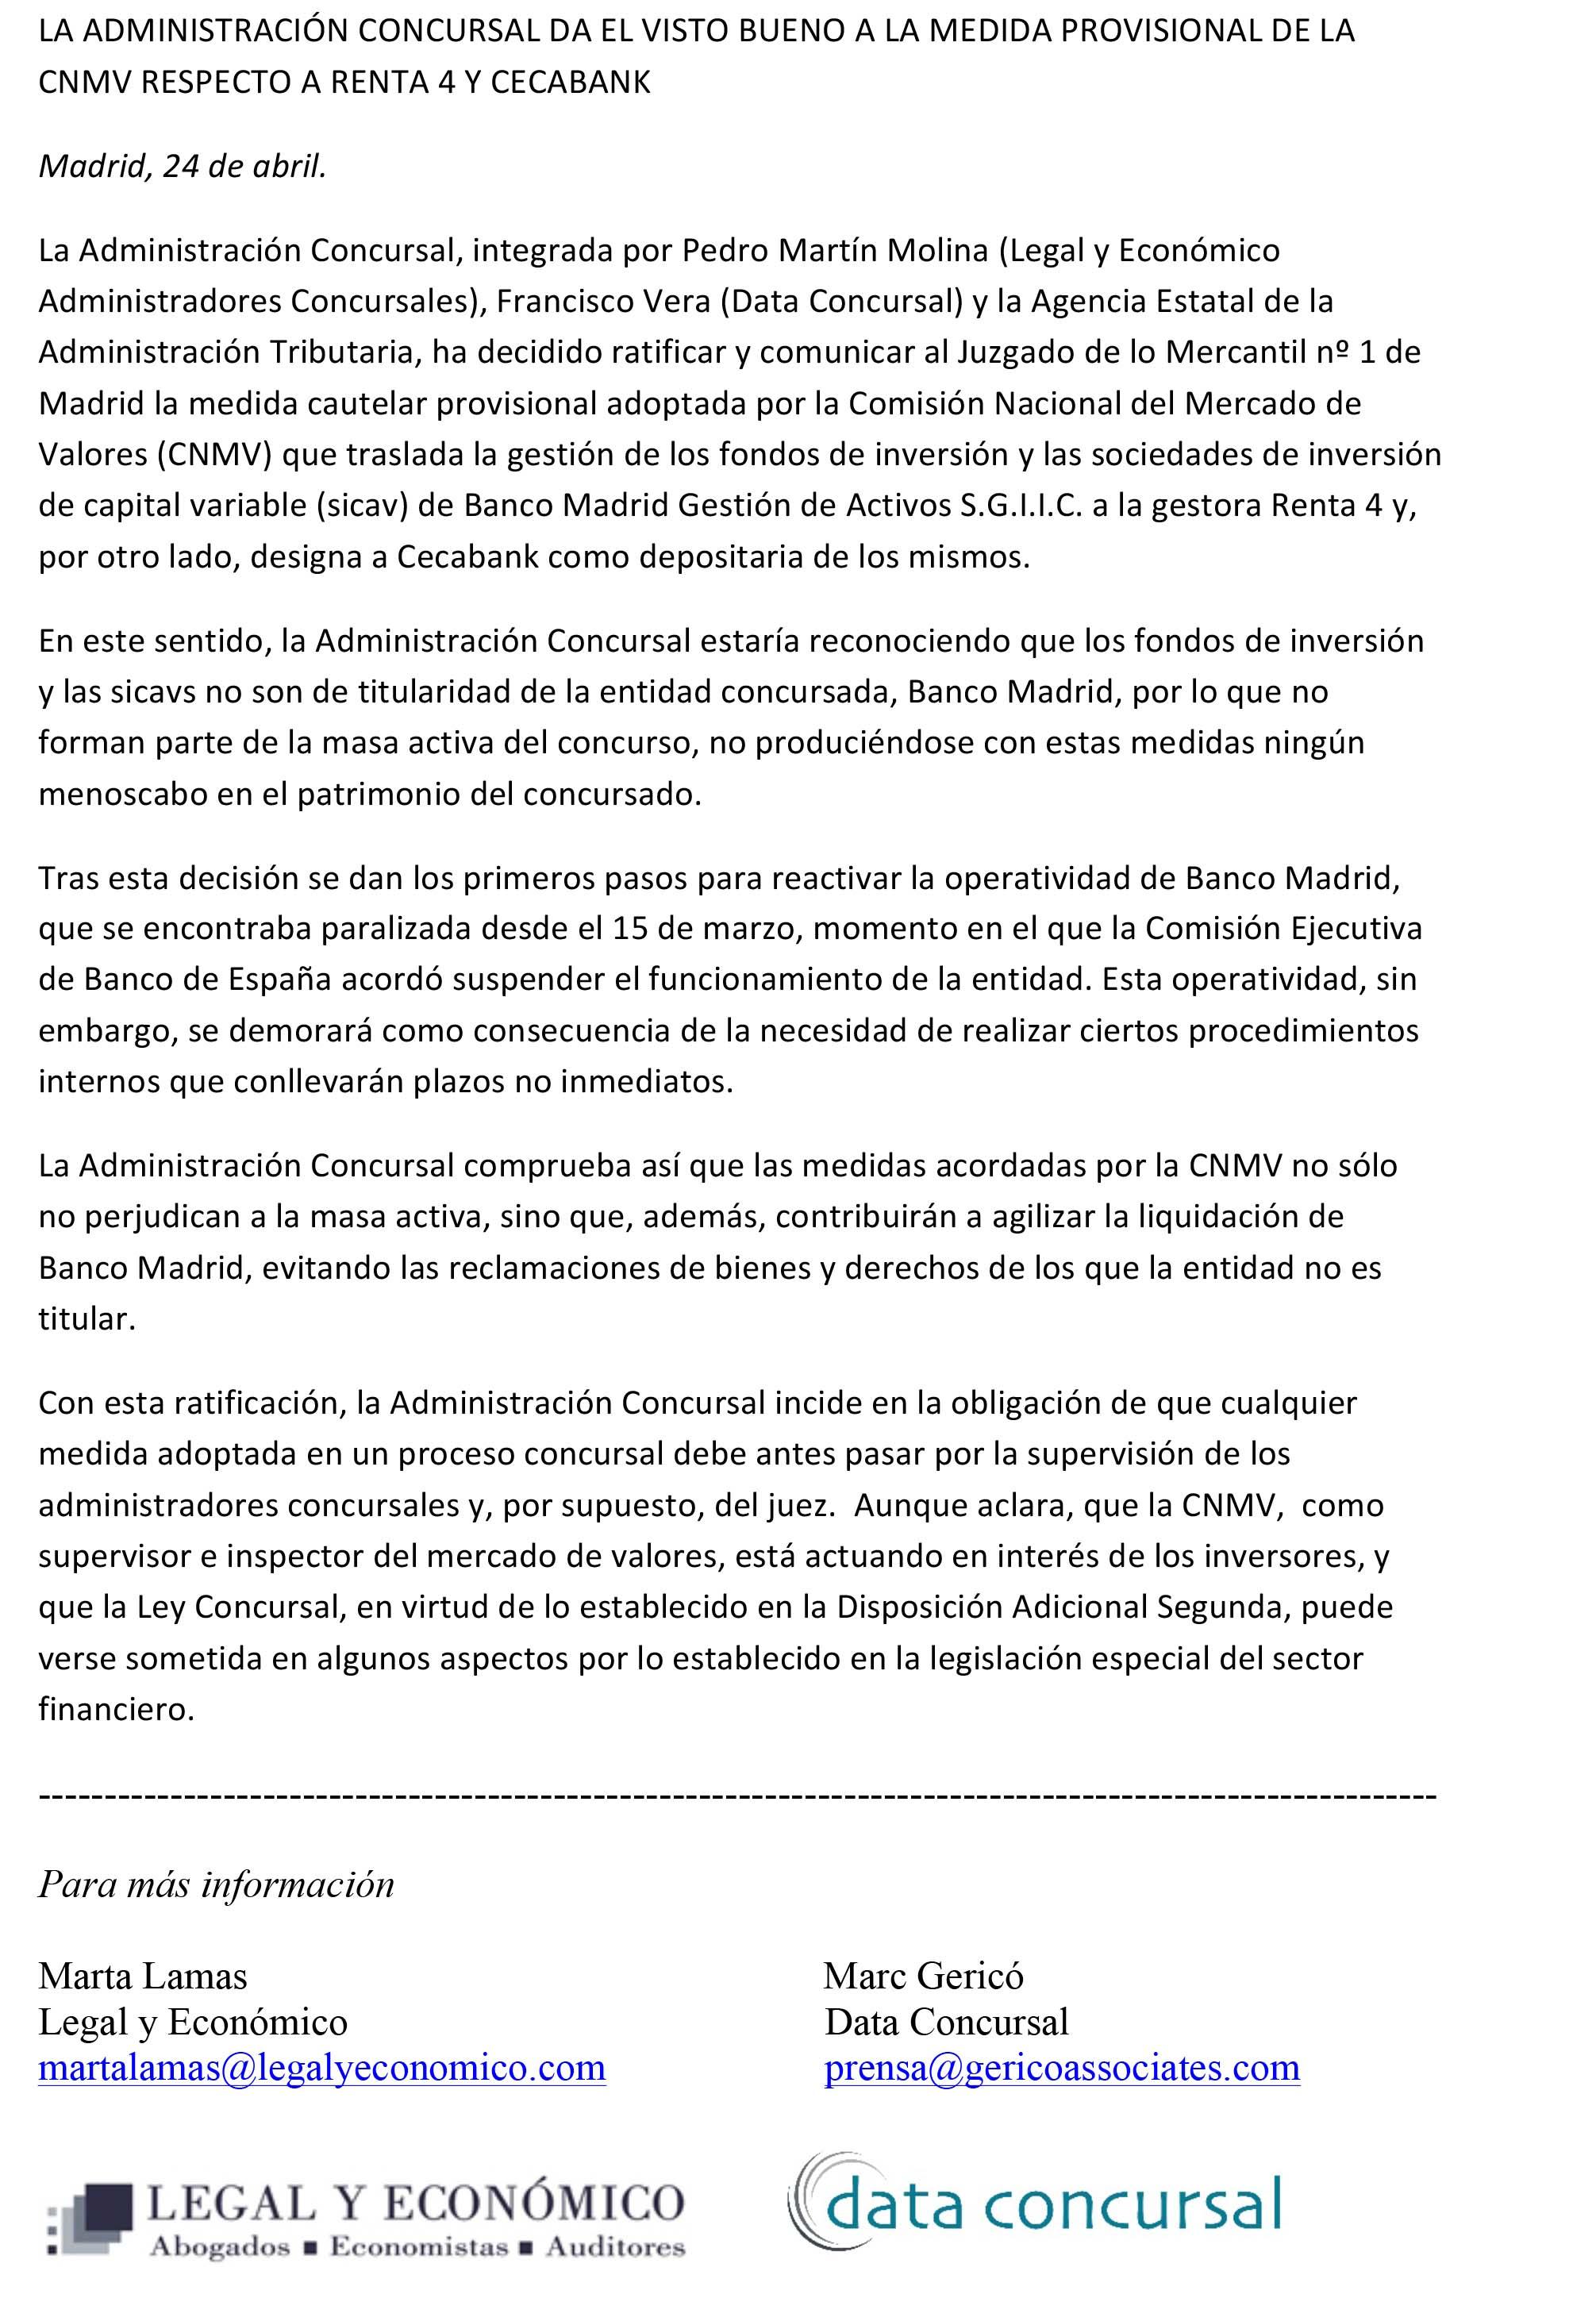 Microsoft Word - LA ADMINISTRACIÓN CONCURSAL DA EL VISTO BUENO